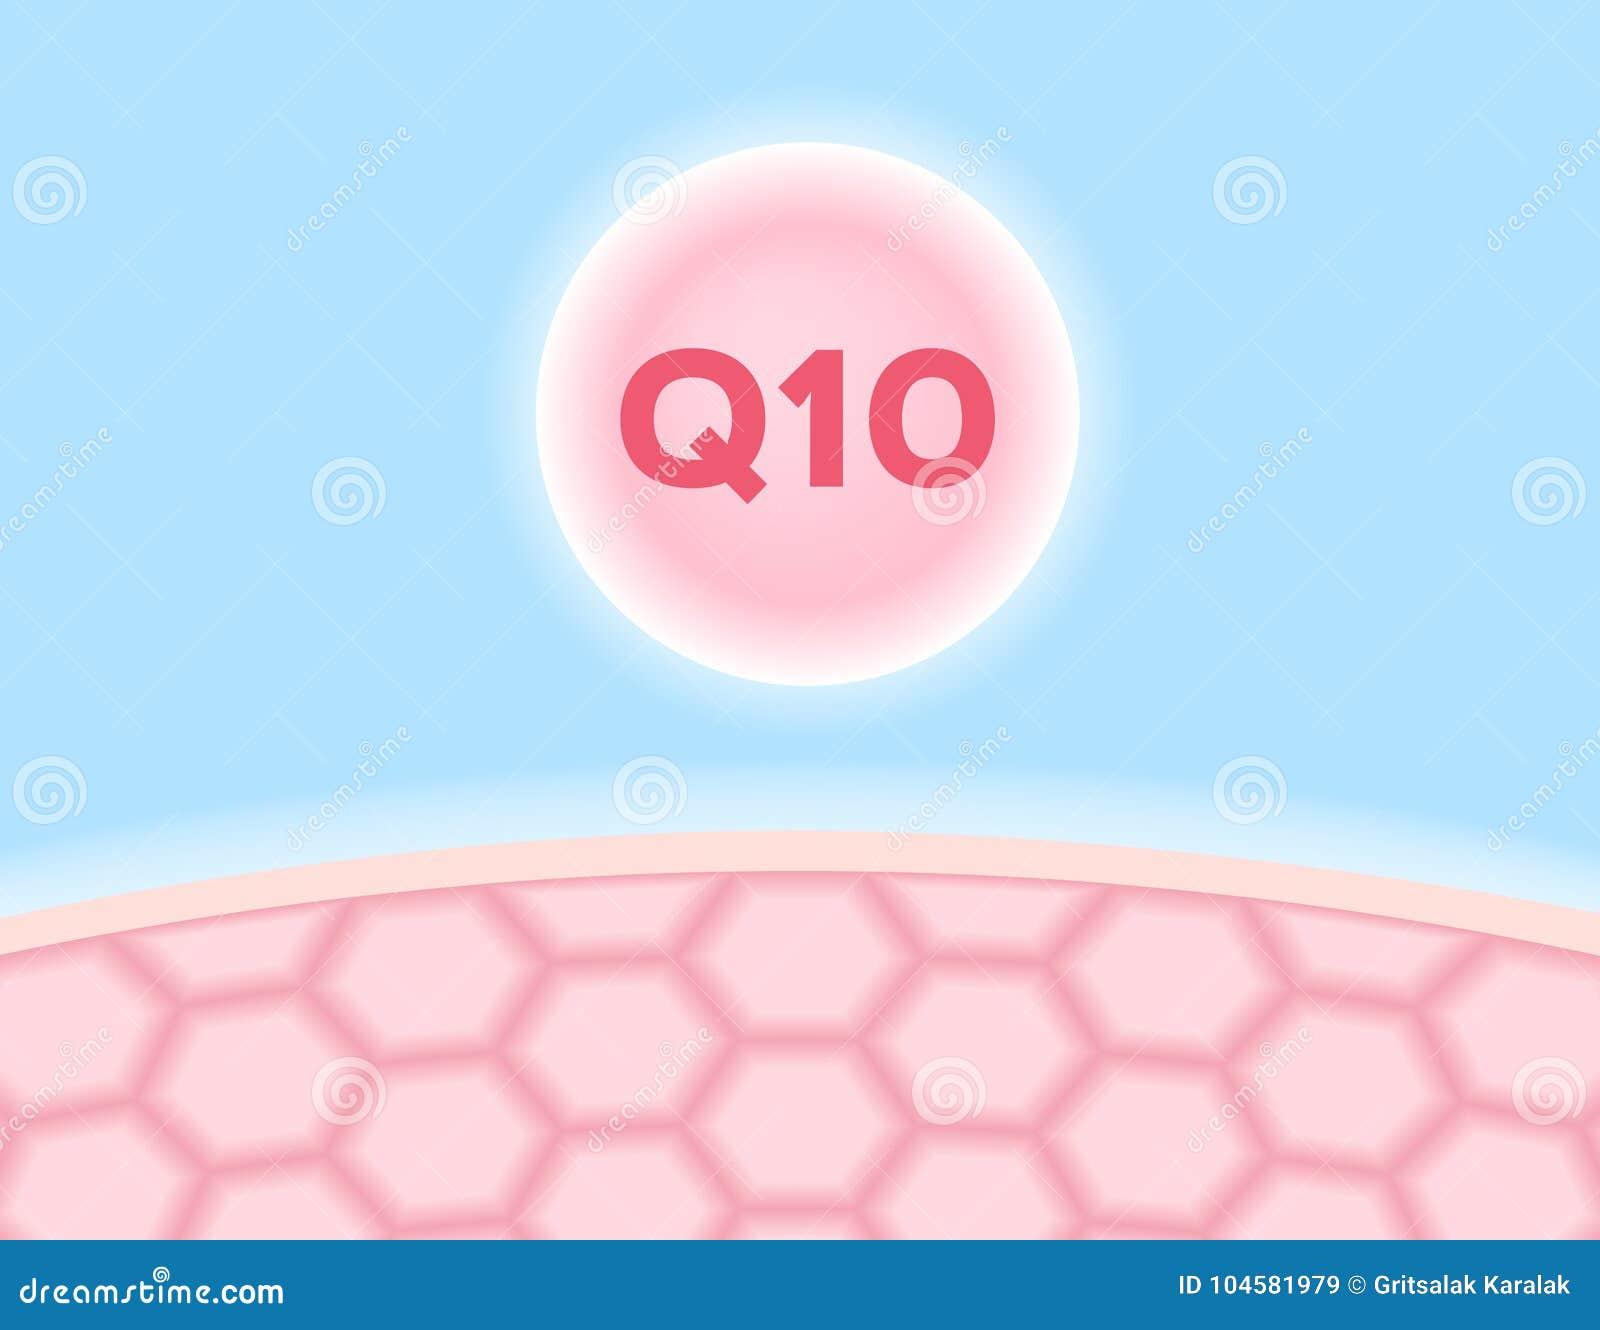 Ikone und Haut Q 10